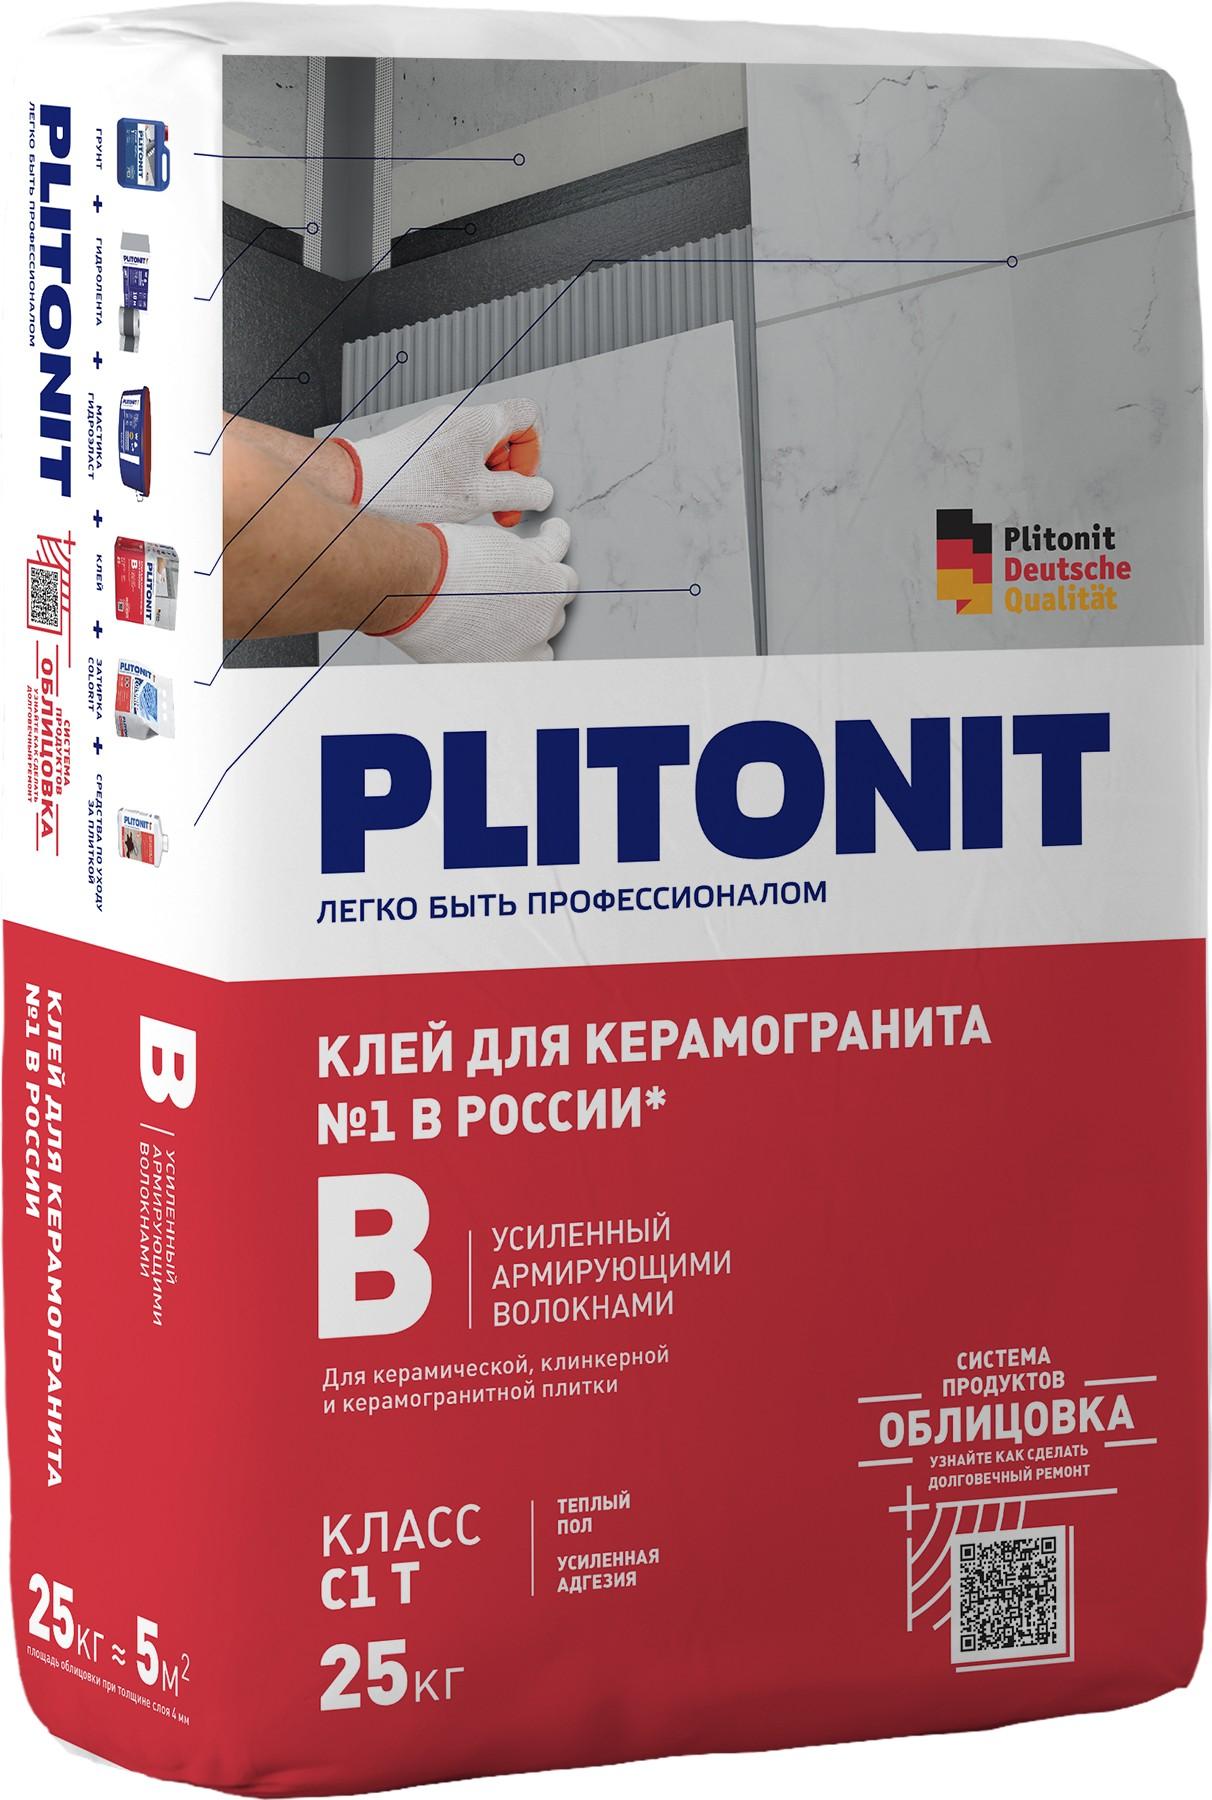 Плитонит клей для плитки В Экспресст(Вб) 25 кг